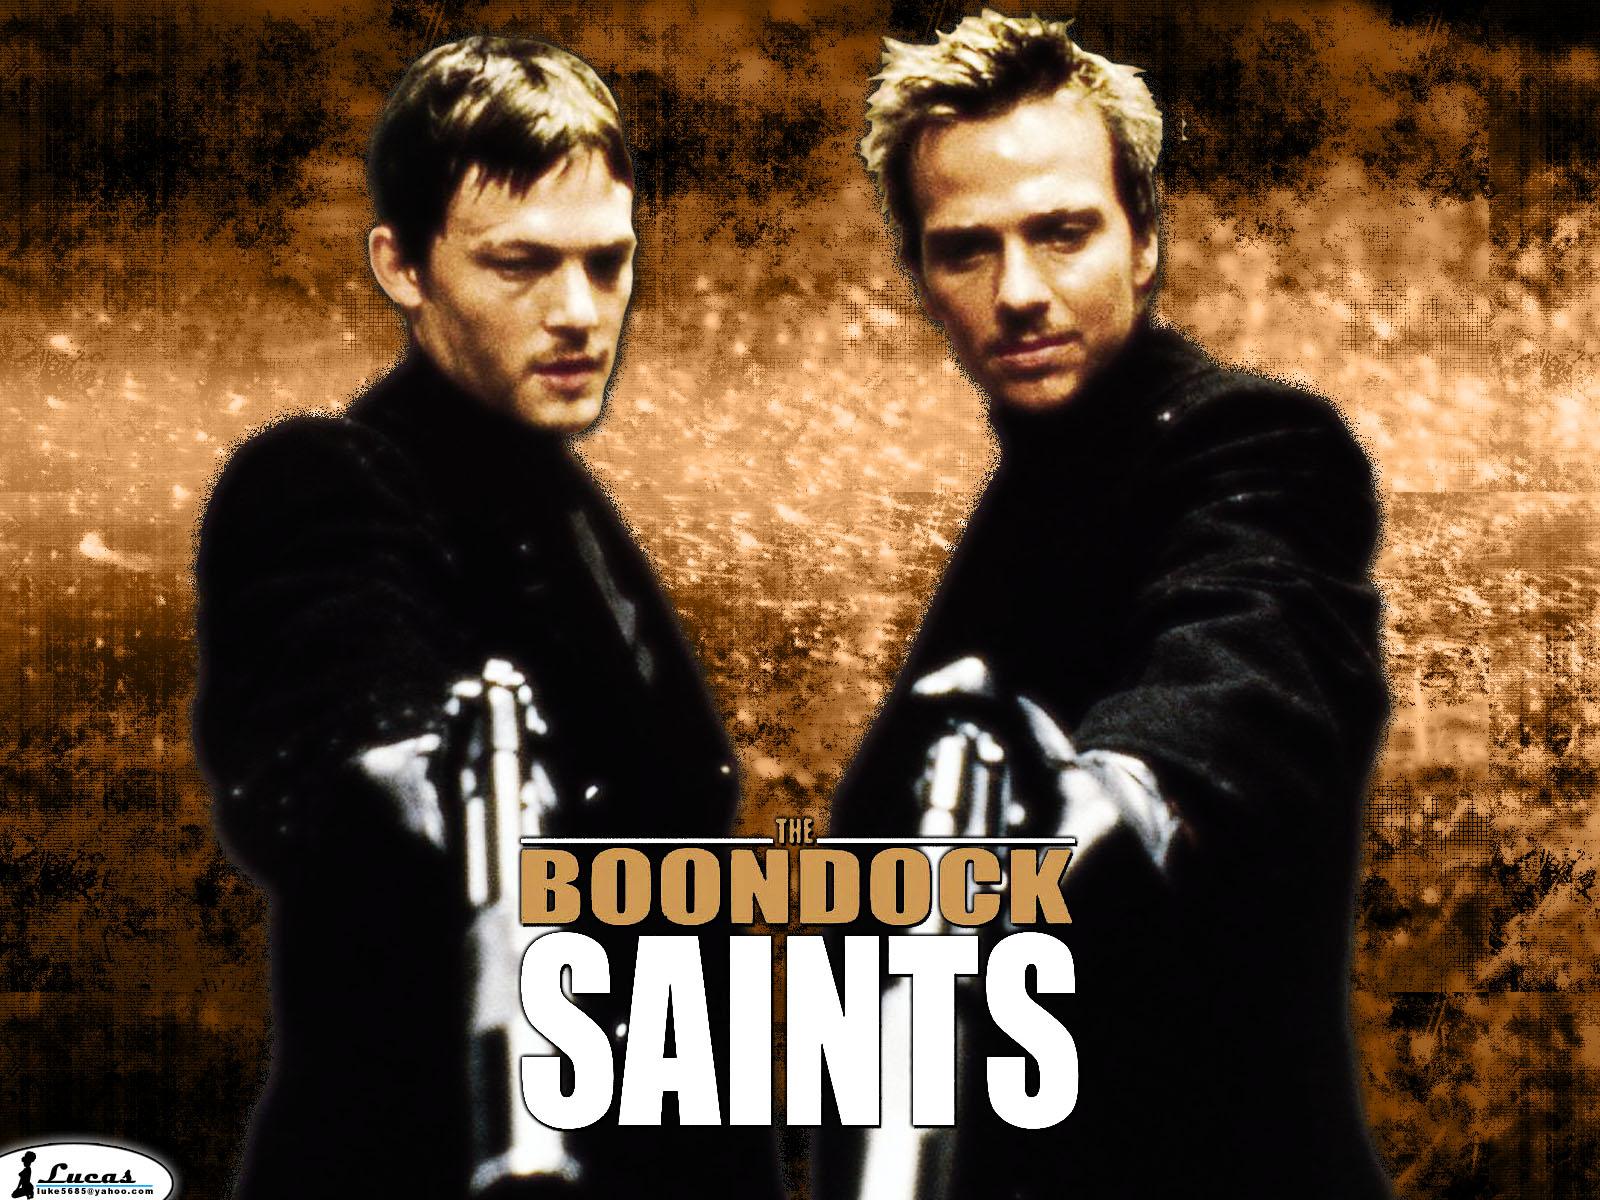 Boondock Saints 2 Quotes. QuotesGram